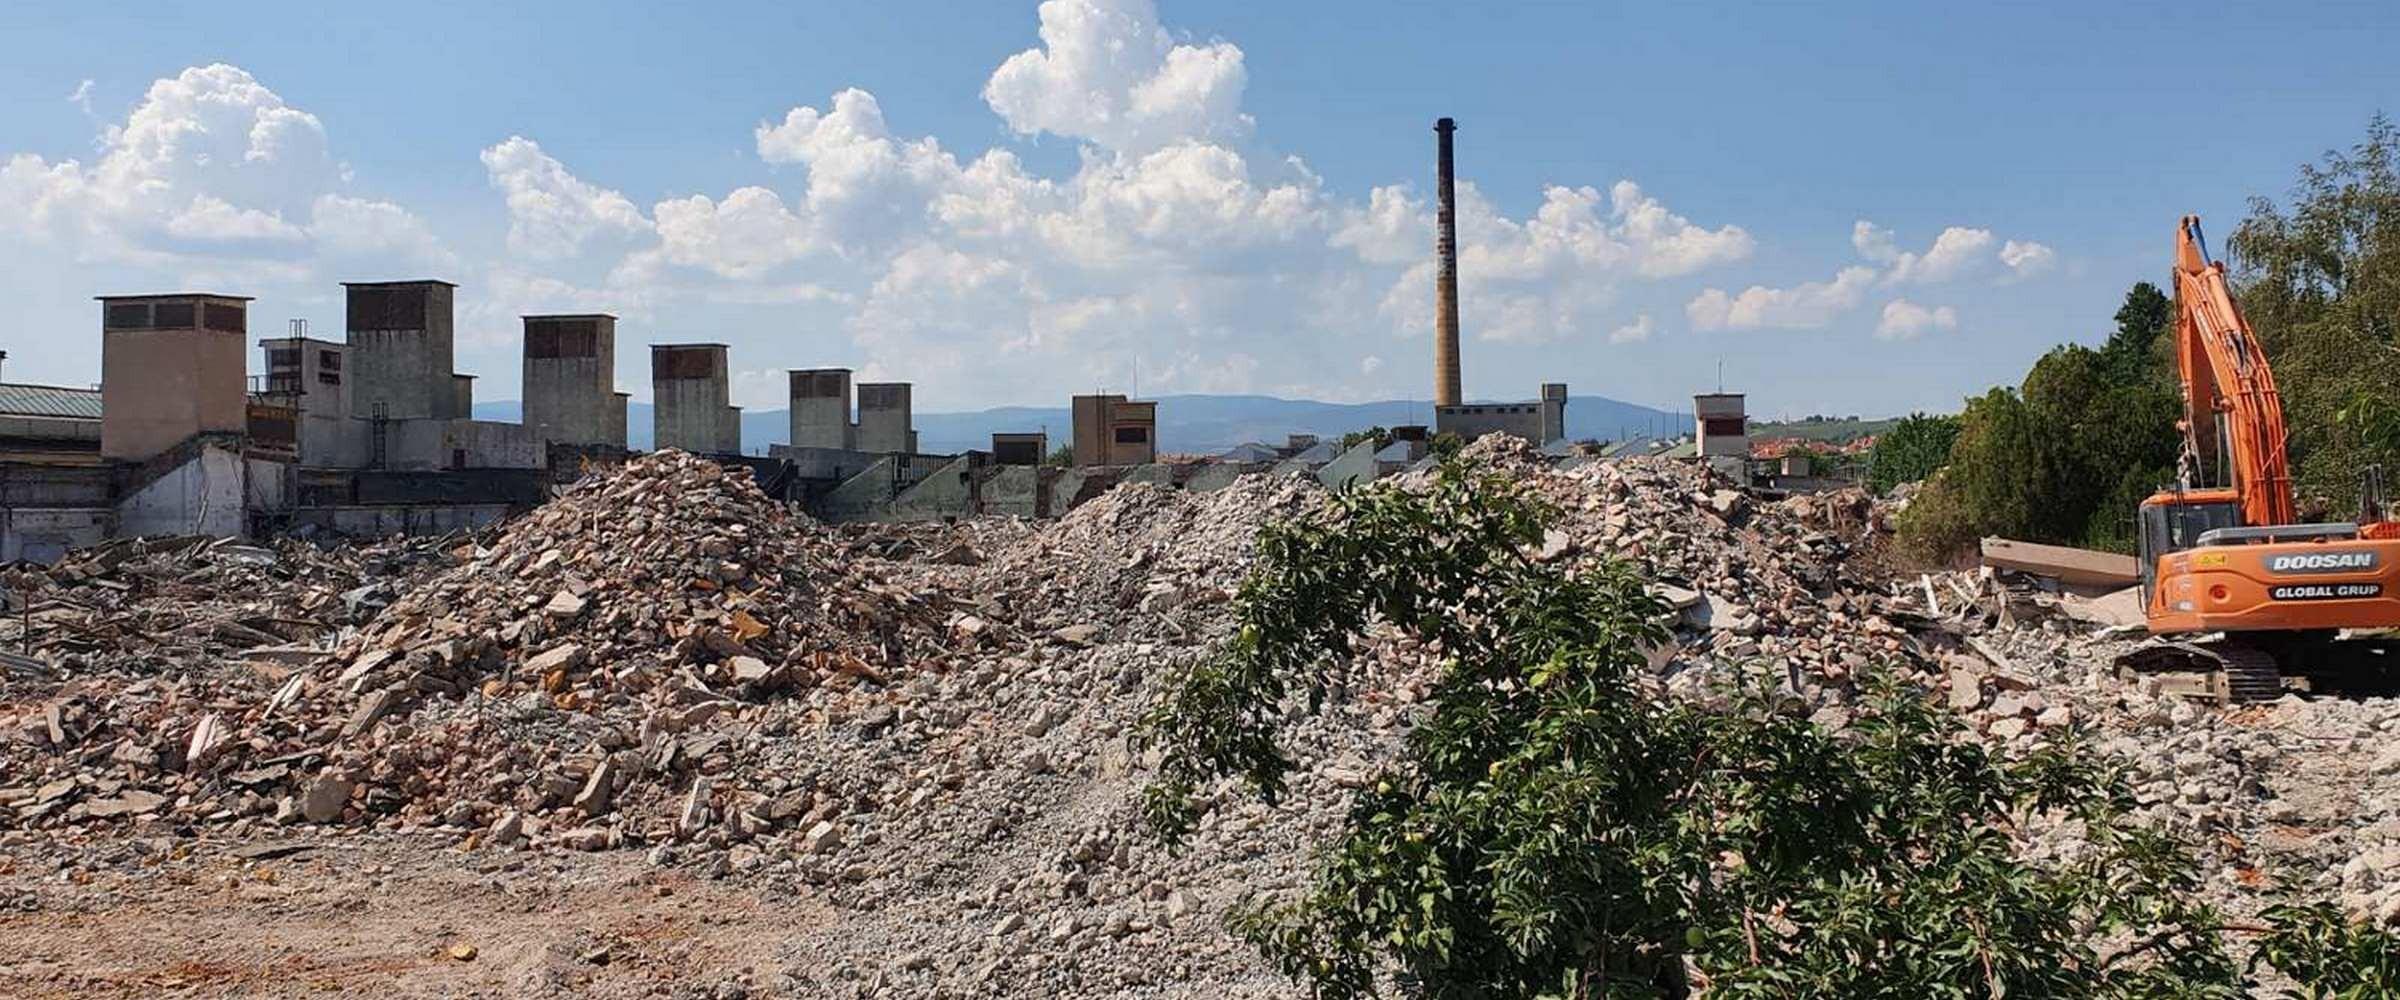 Оттобок Етап II - Разрушаване на съществуващи сгради